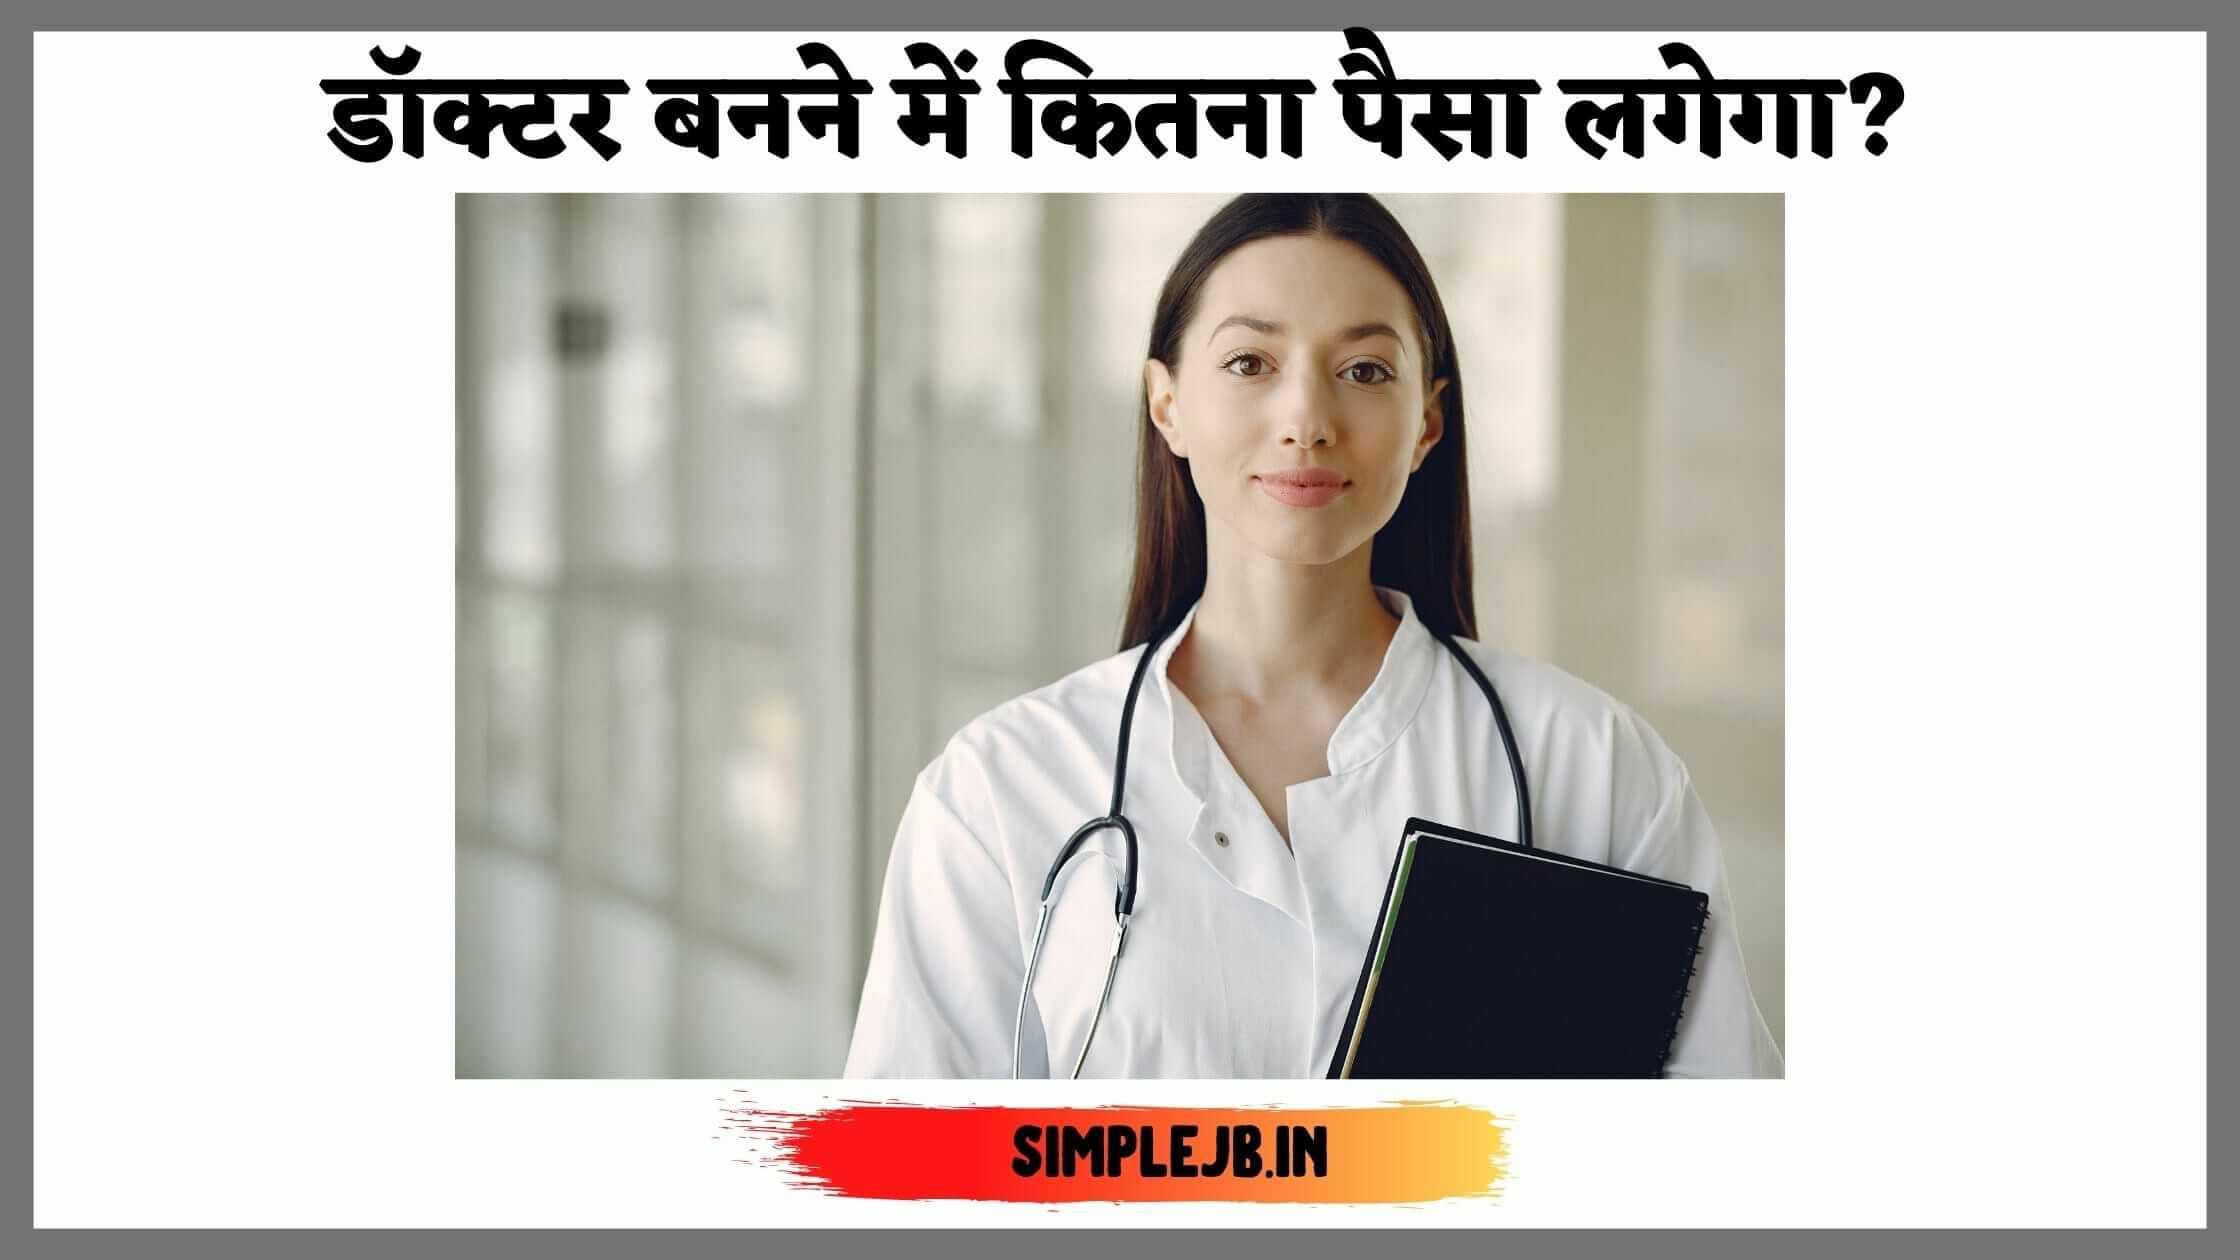 डॉक्टर बनने में कितना पैसा लगेगा